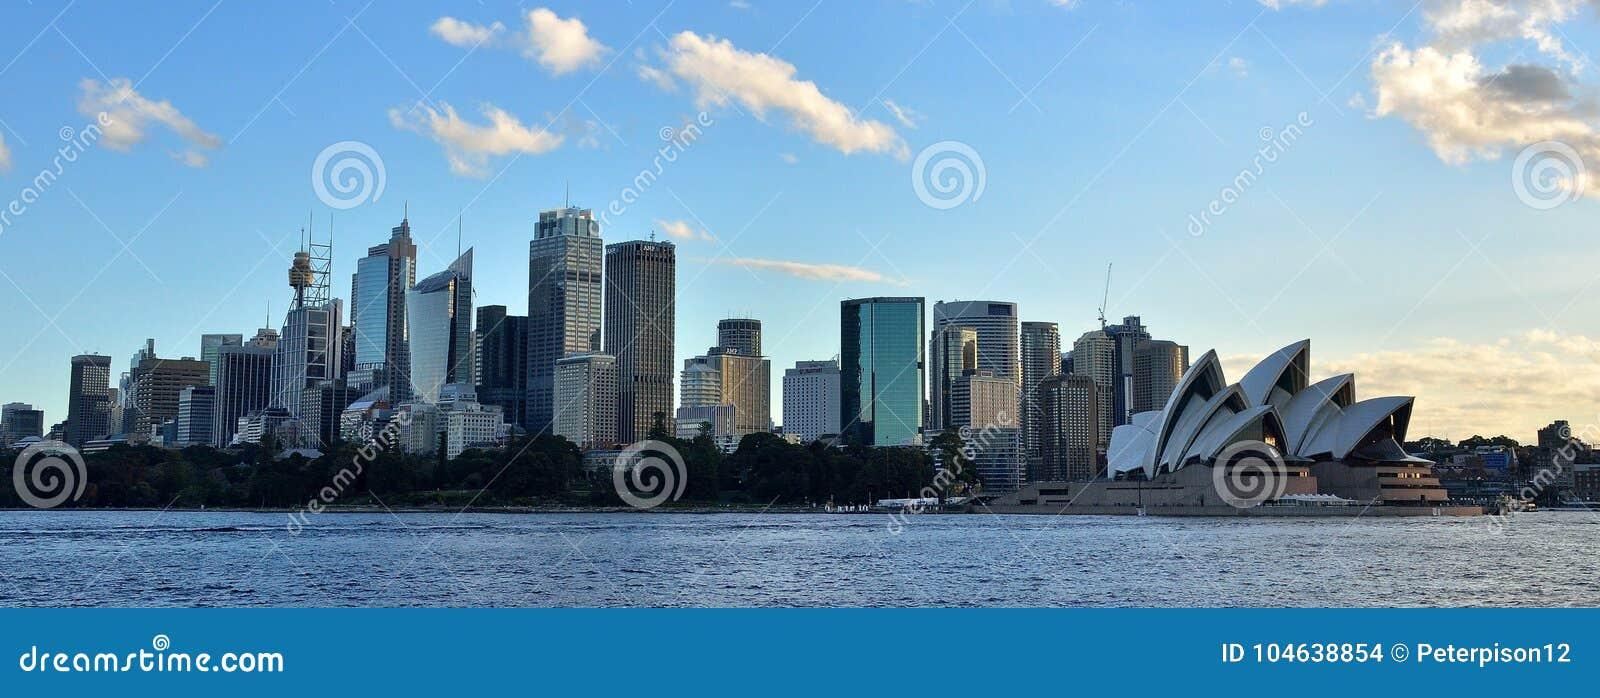 Download Sydney, NSW, De Horizon Van Australië En Cityscape Stock Foto - Afbeelding bestaande uit wolkenkrabber, kade: 104638854